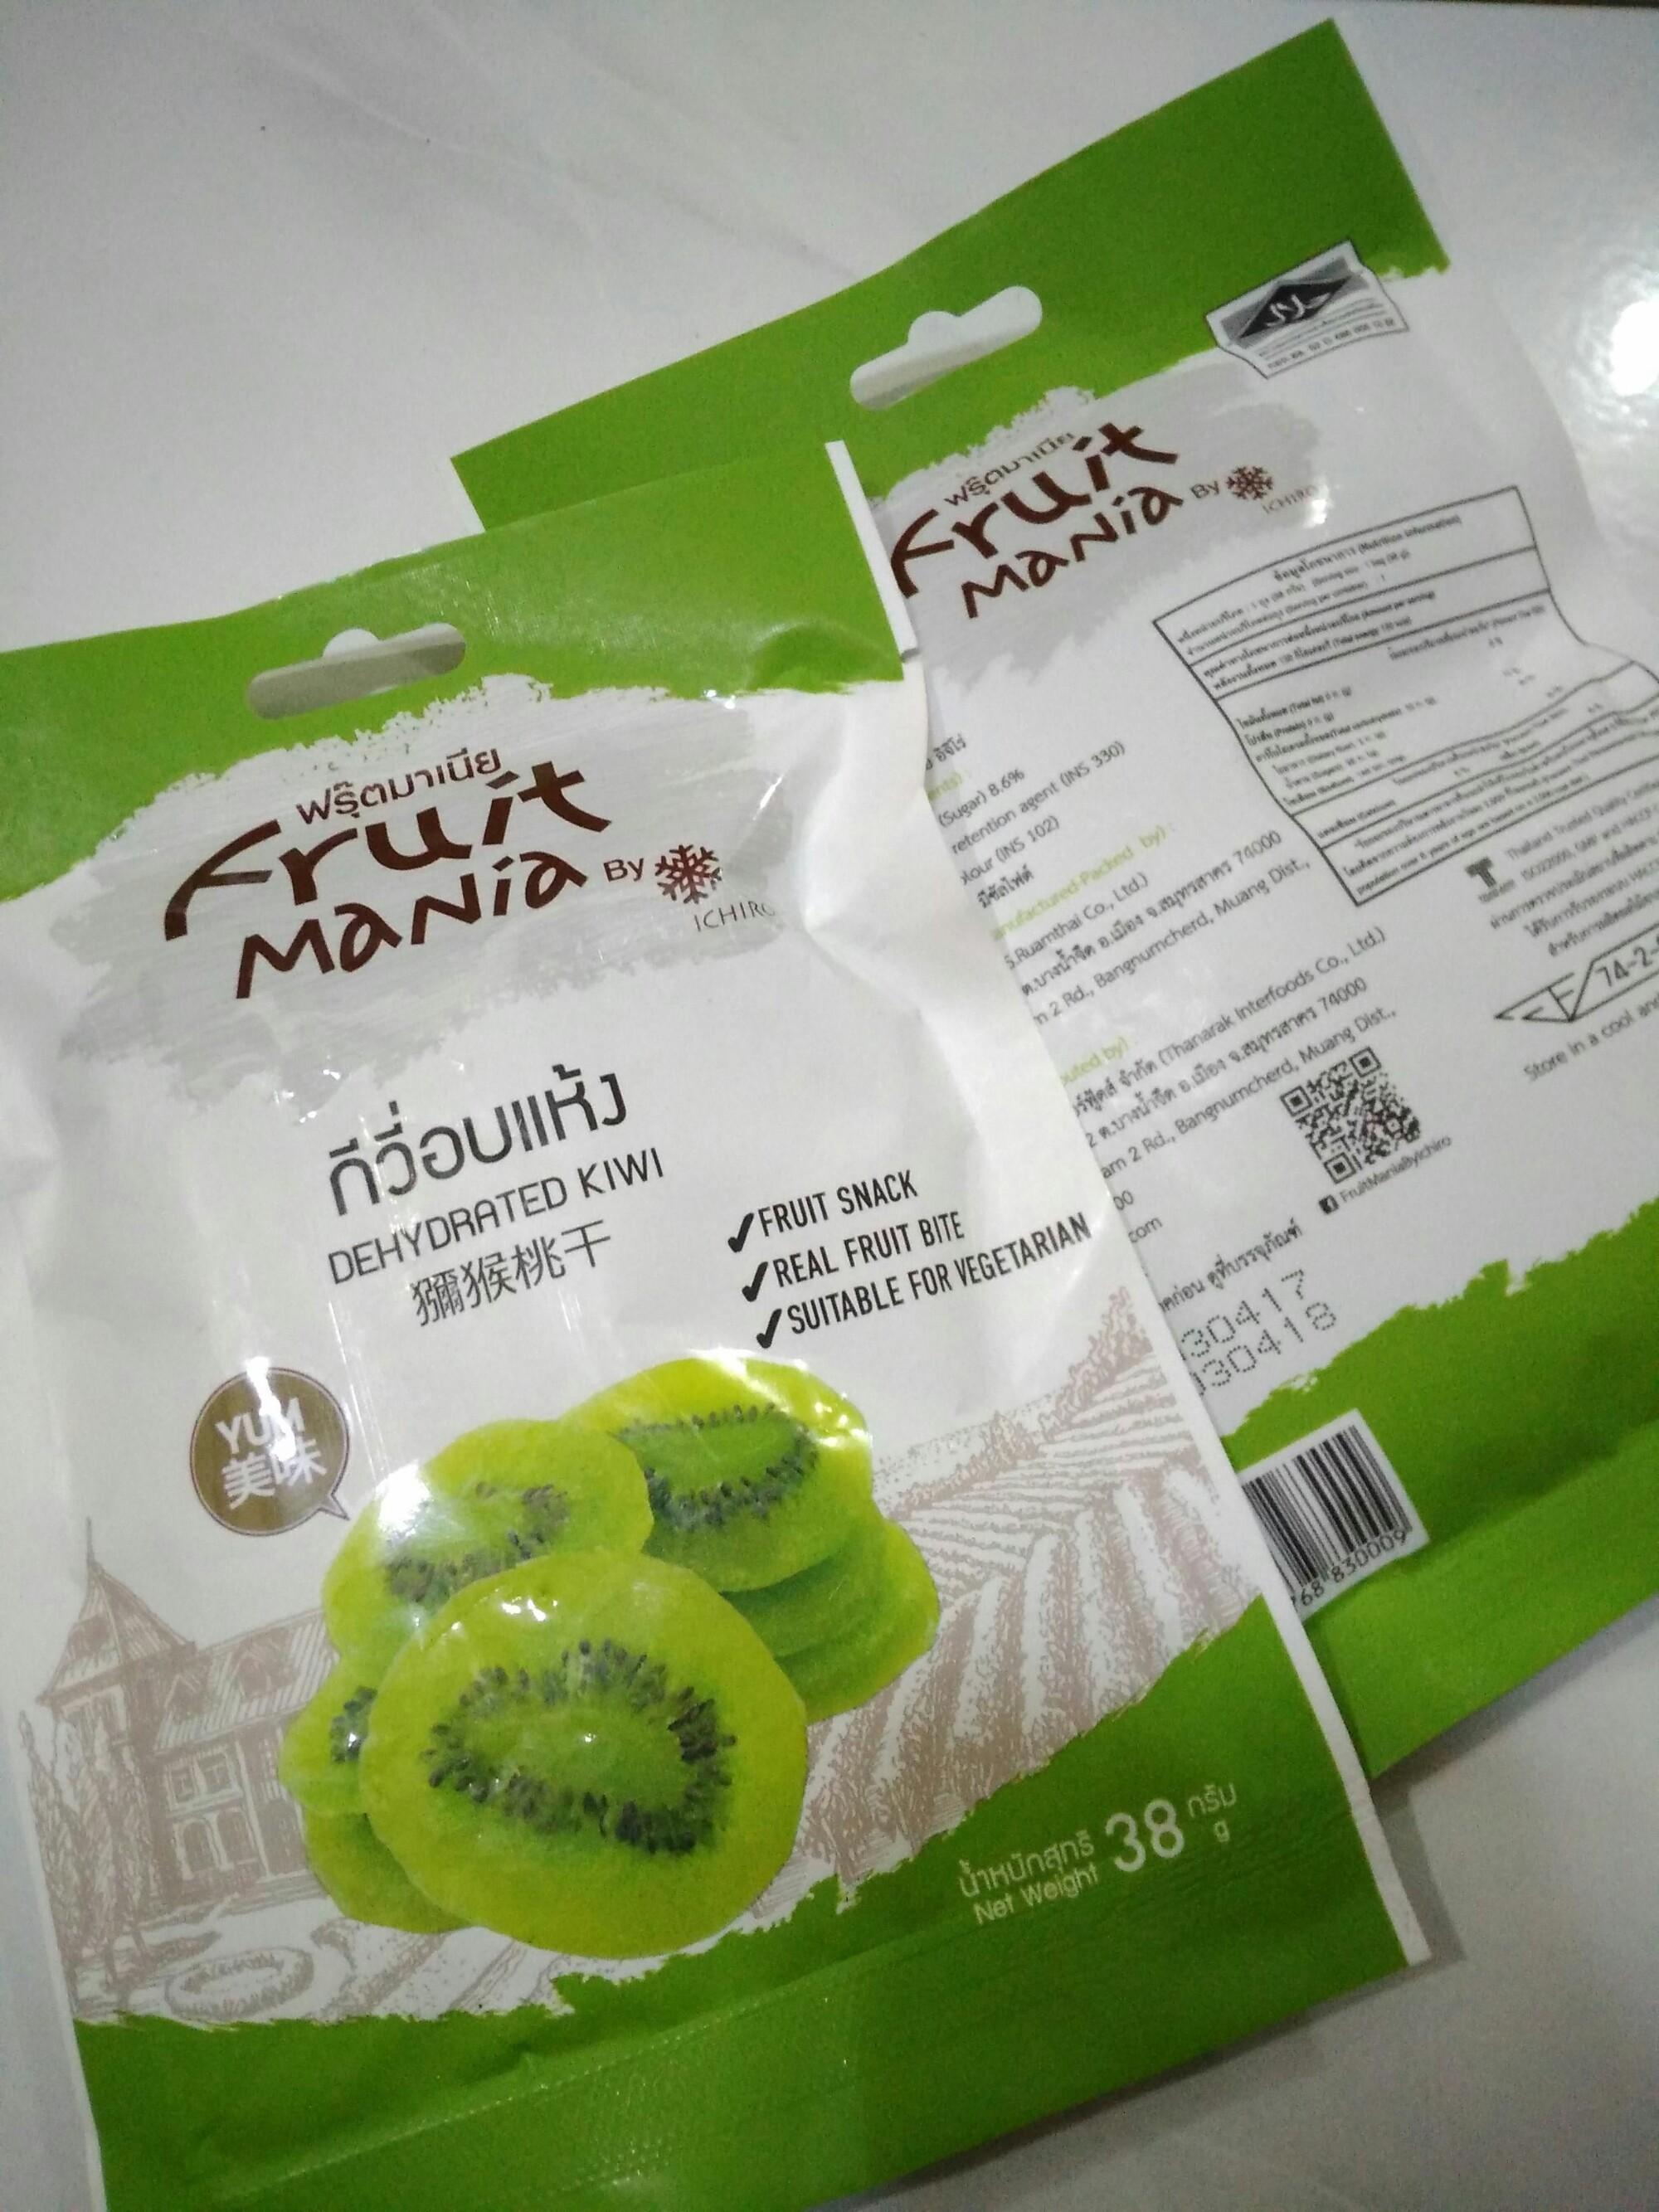 8 Thailand Snack Yang Cocok Dijadikan Oleh Sundariekowati Manisan Mangga Kering Kiwi Dan Halal Dehydrated Fruit